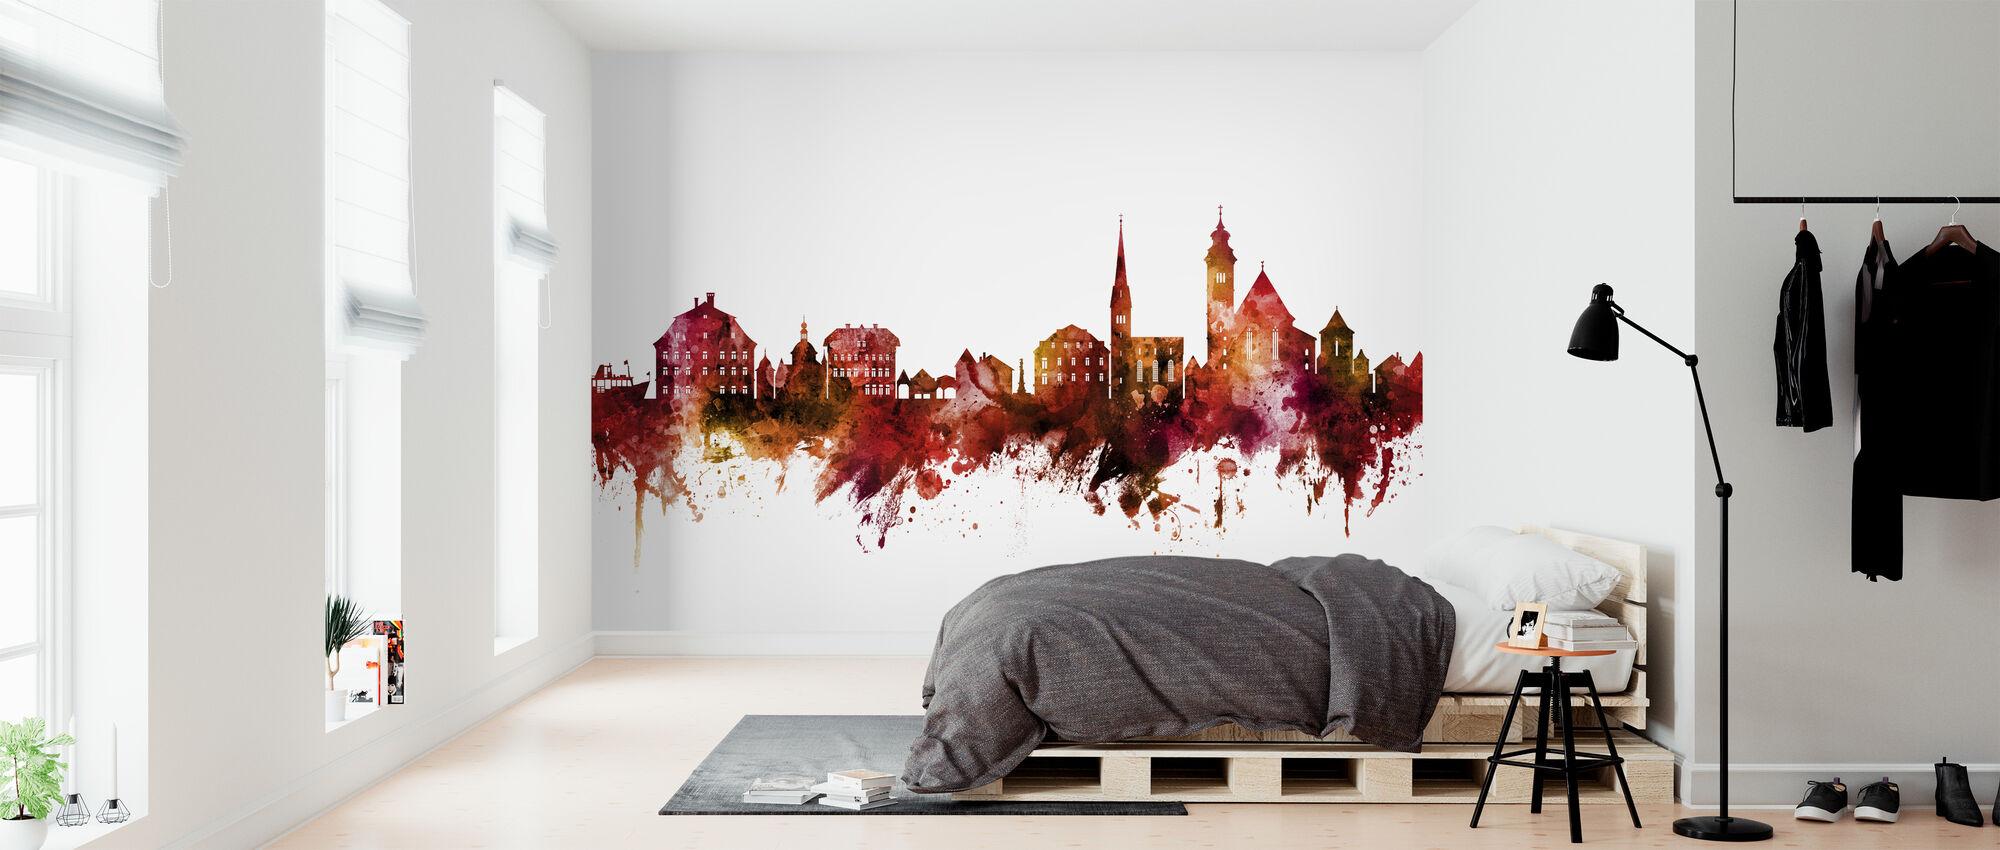 Hallstatt Austria Skyline - Wallpaper - Bedroom